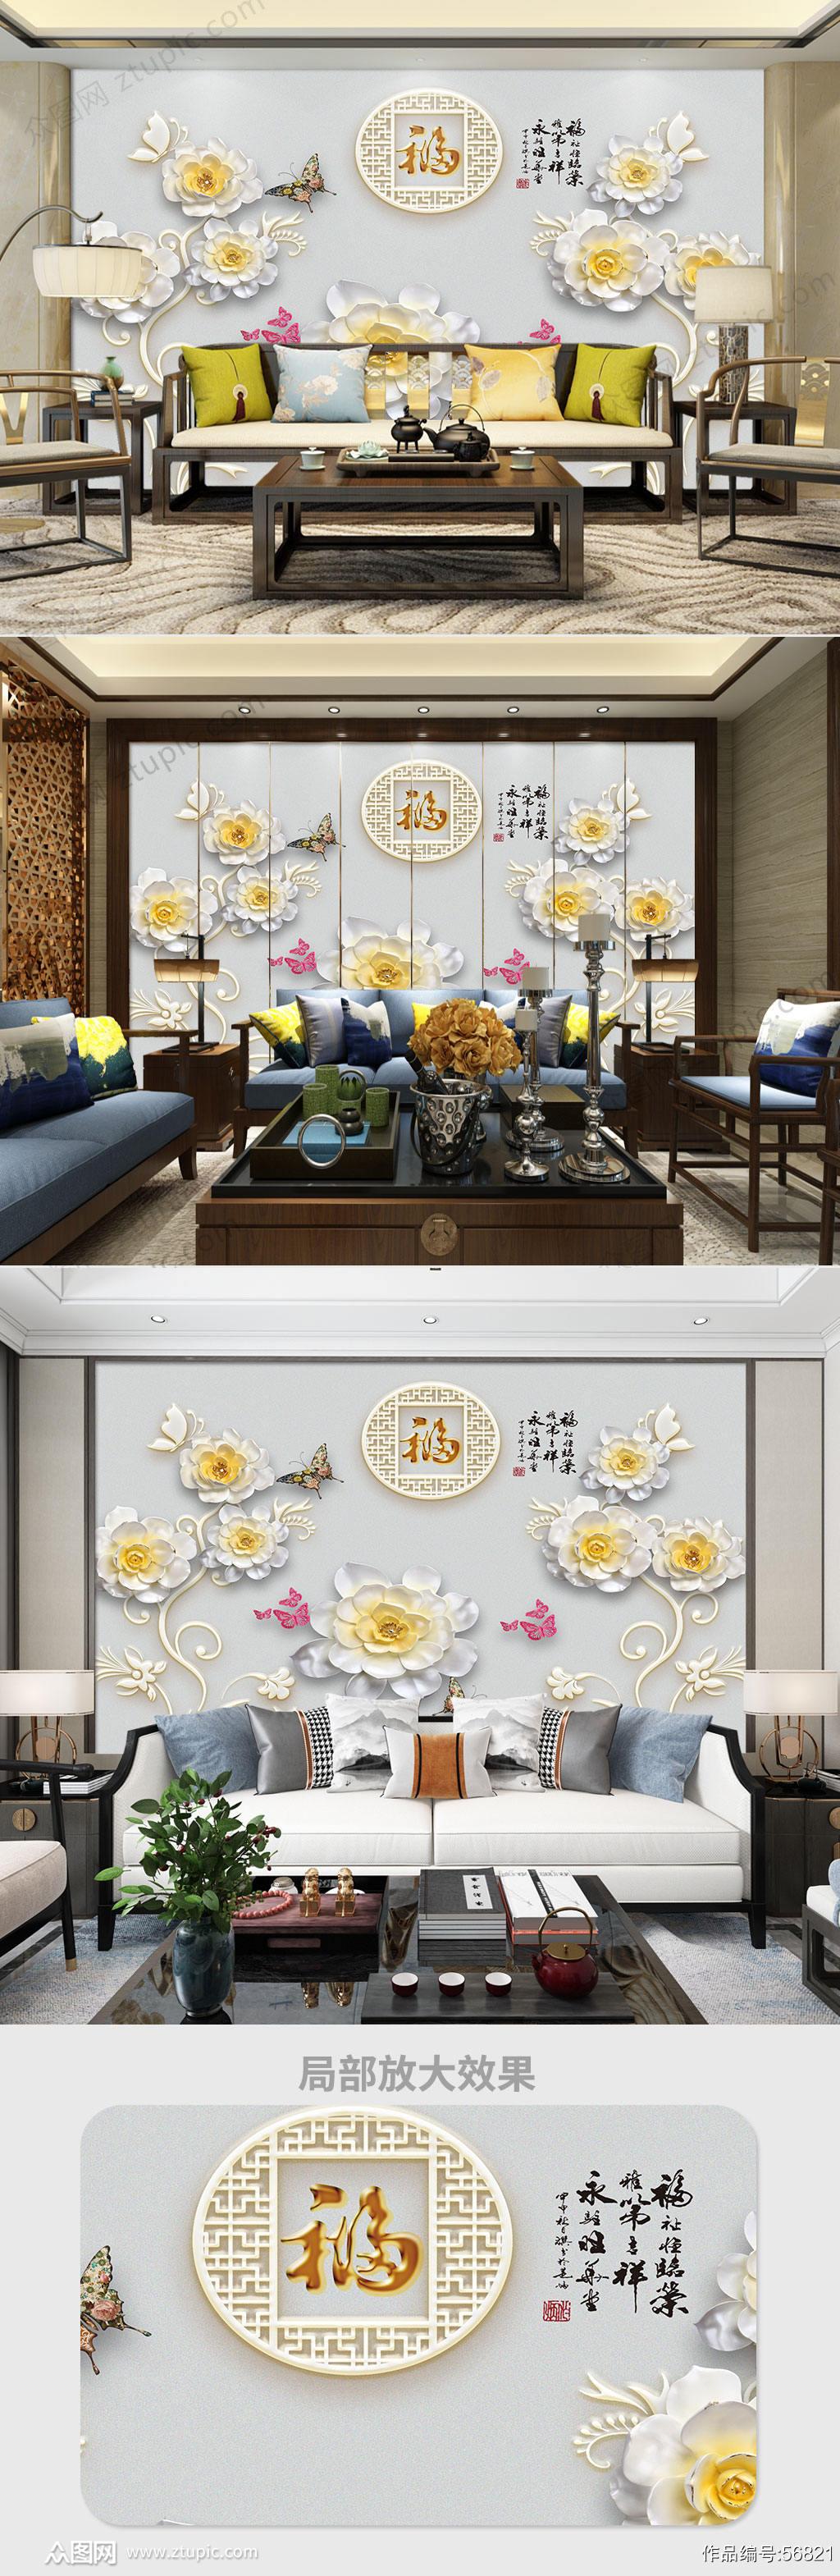 浮雕花朵背景墙素材